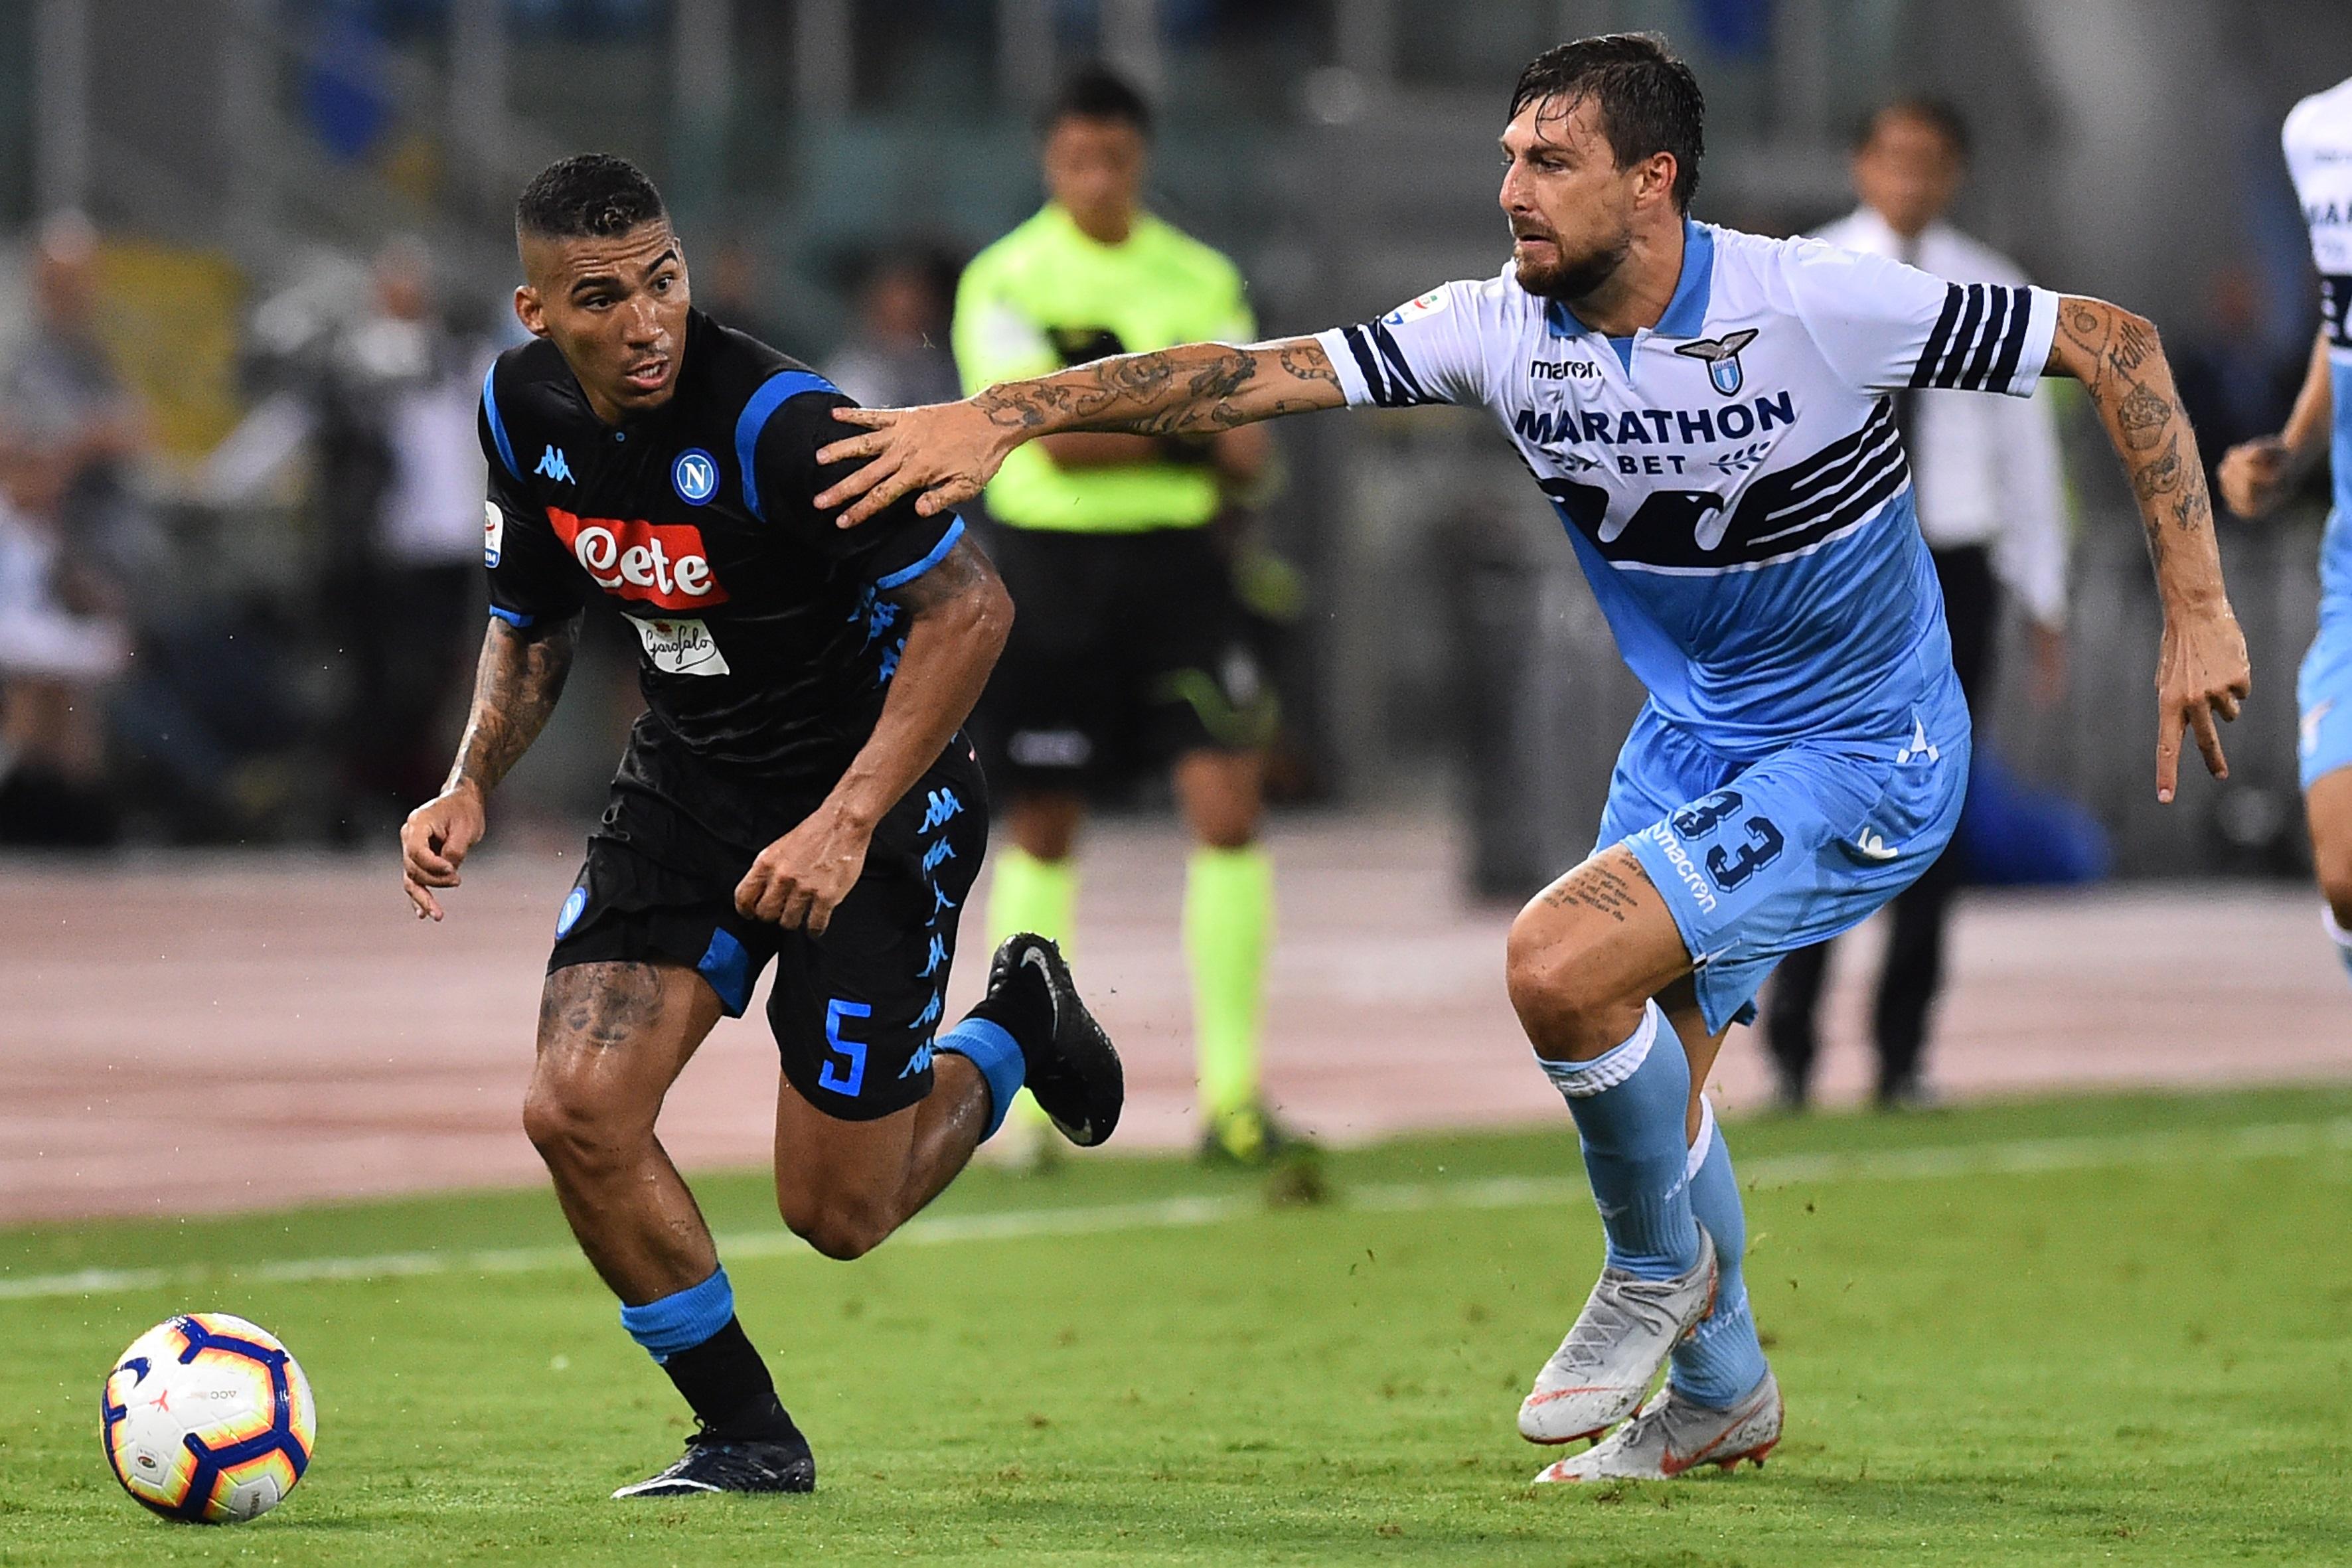 Soi kèo Lazio vs Verona